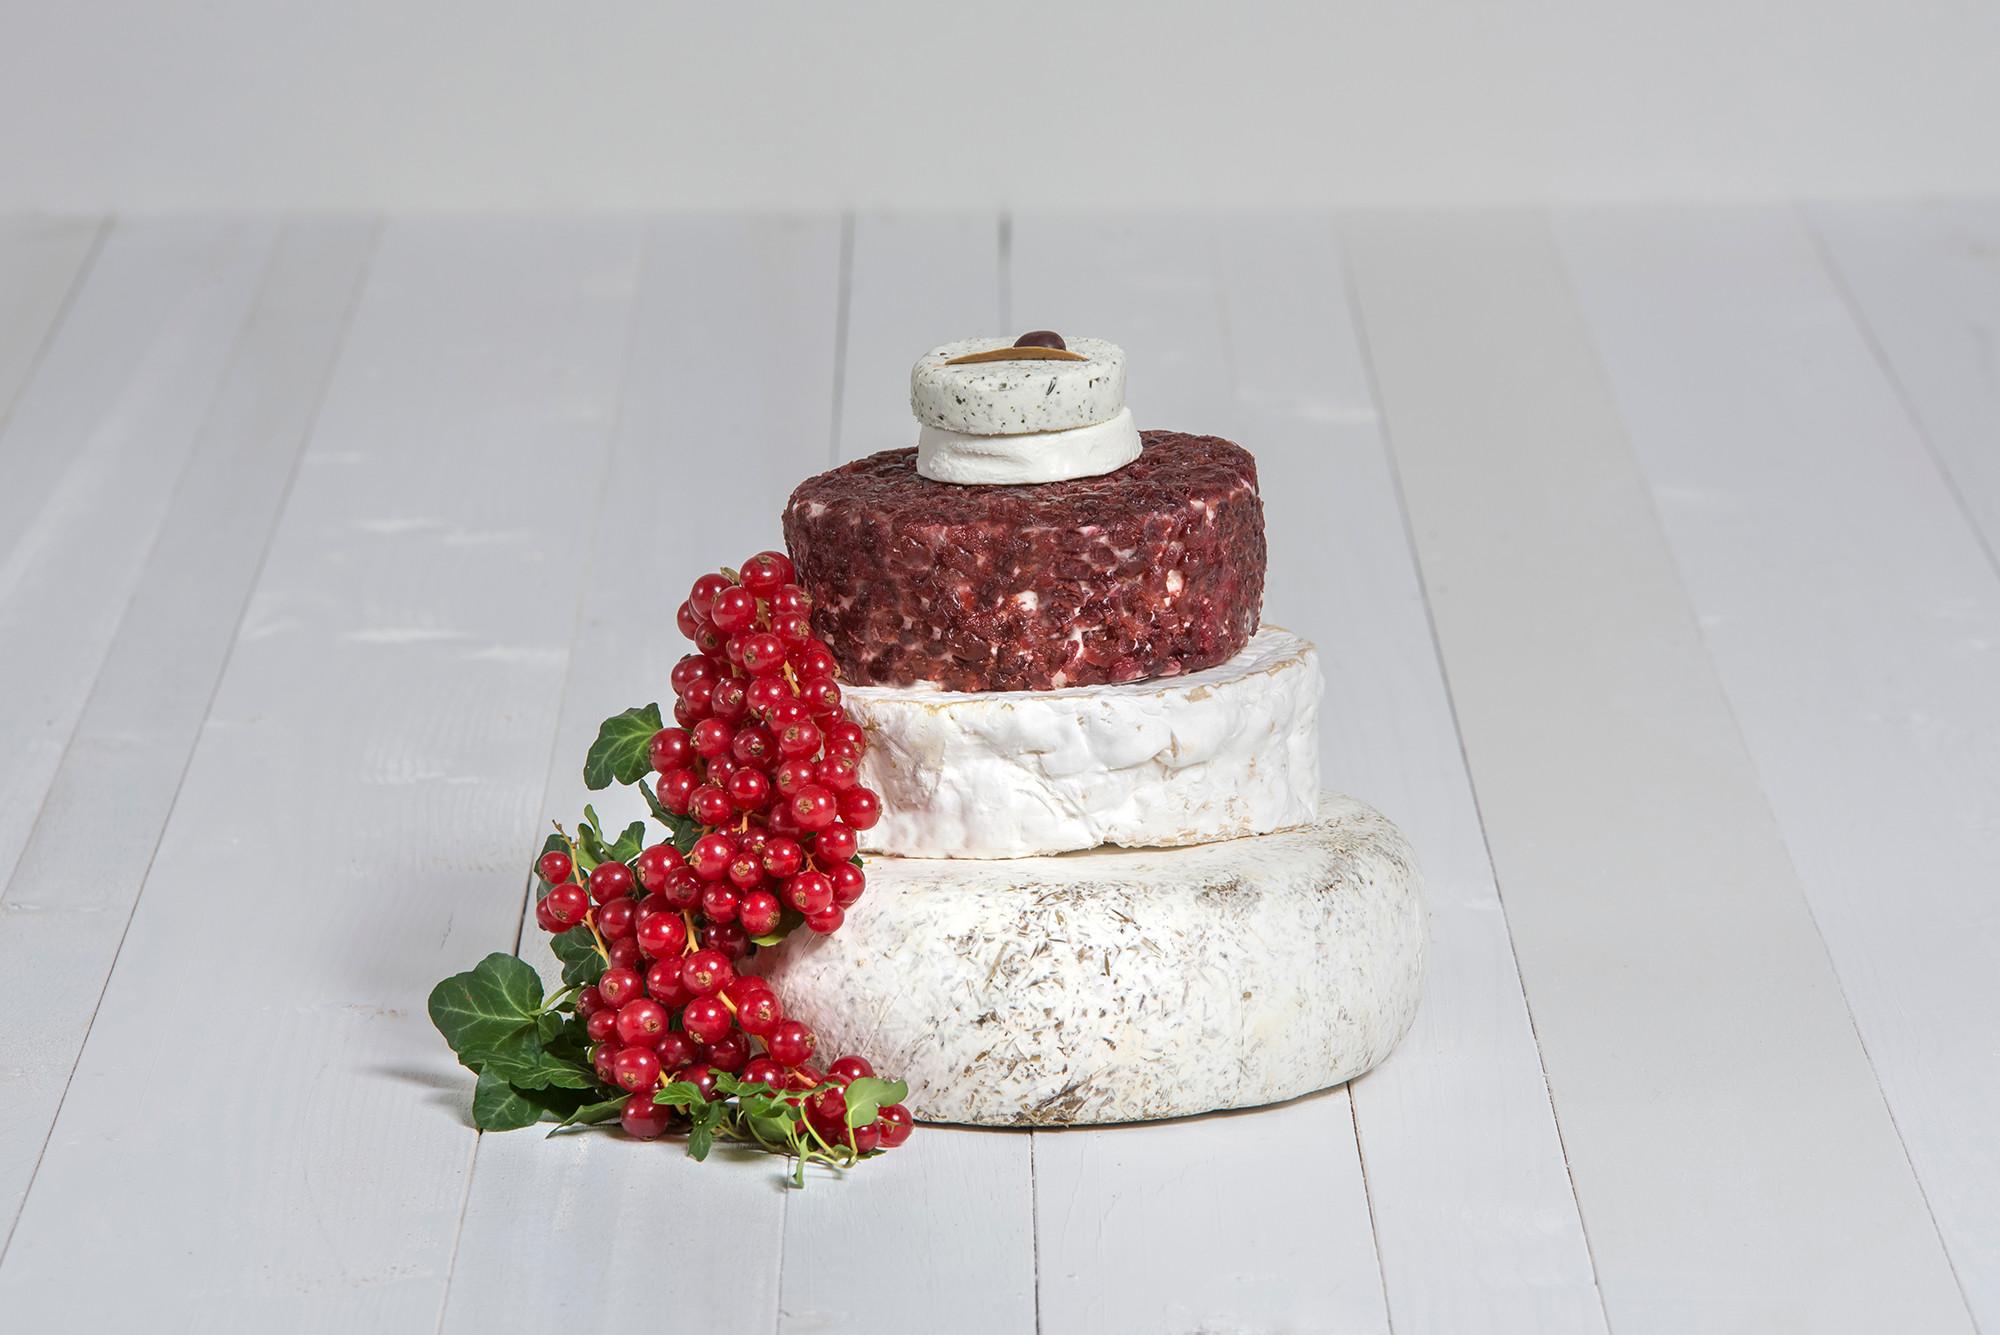 Käse-Hochzeitstorte 'Josefine'